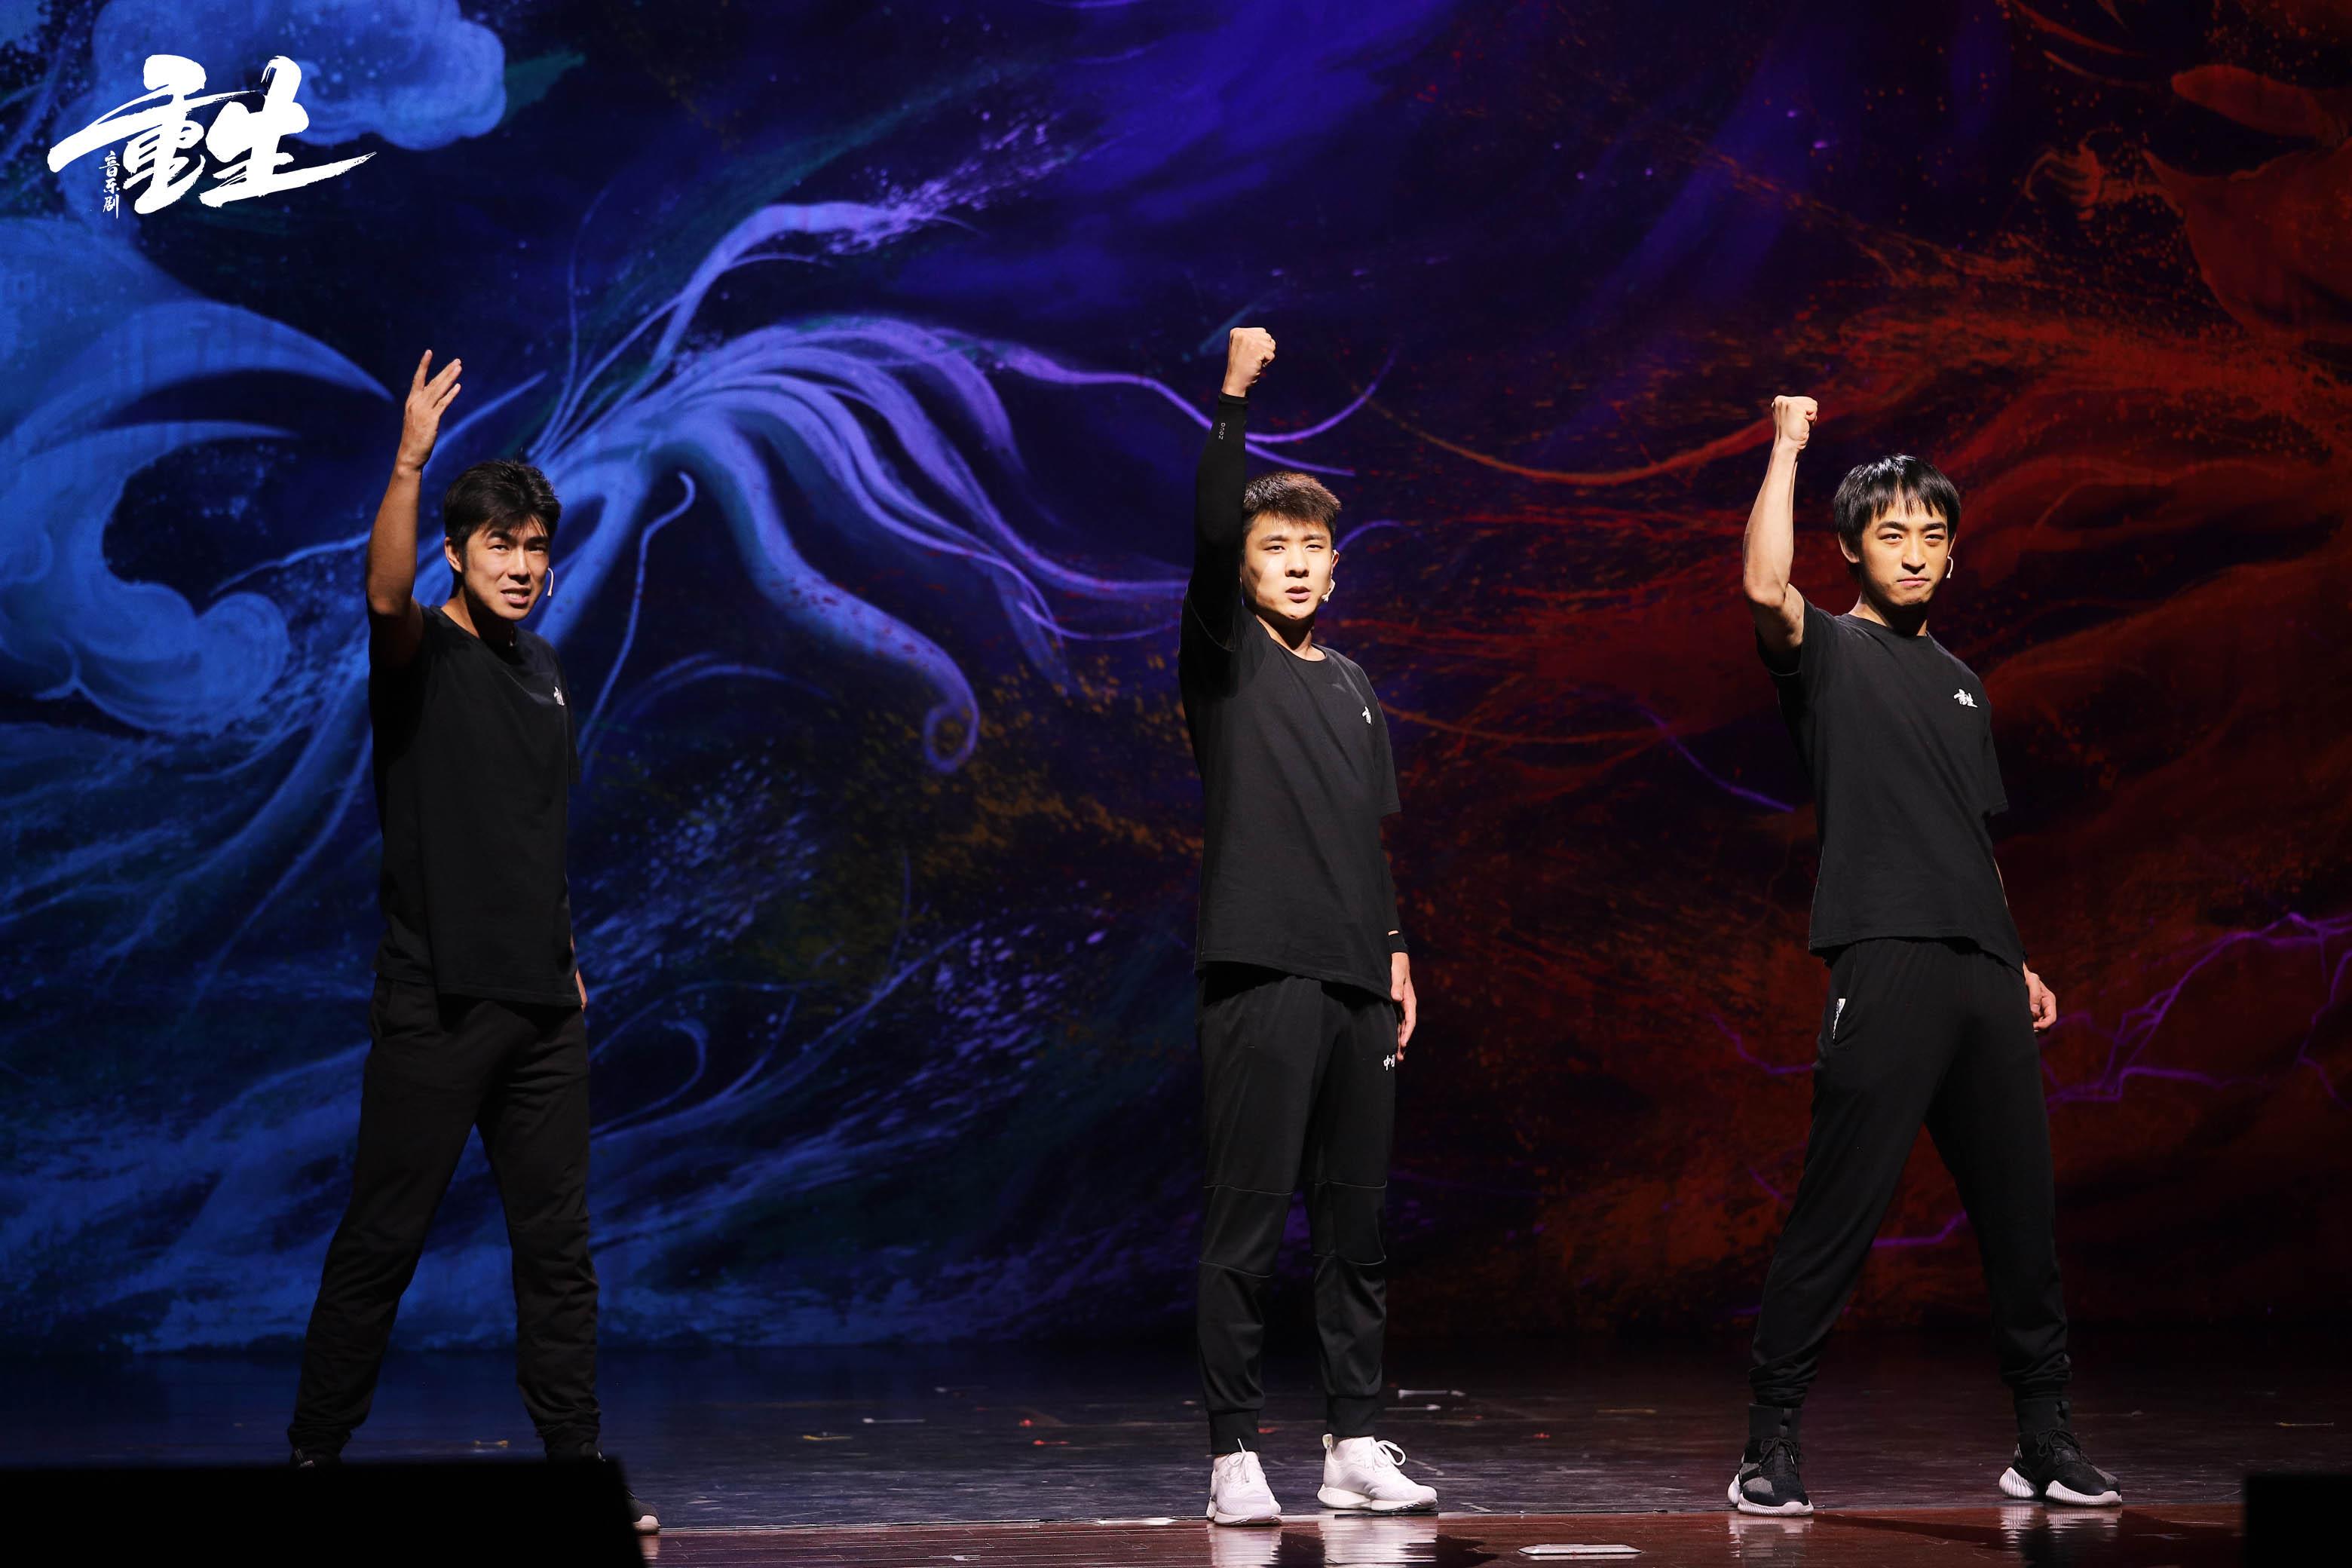 音乐剧《重生》为观众加场 深圳站提前一天首演